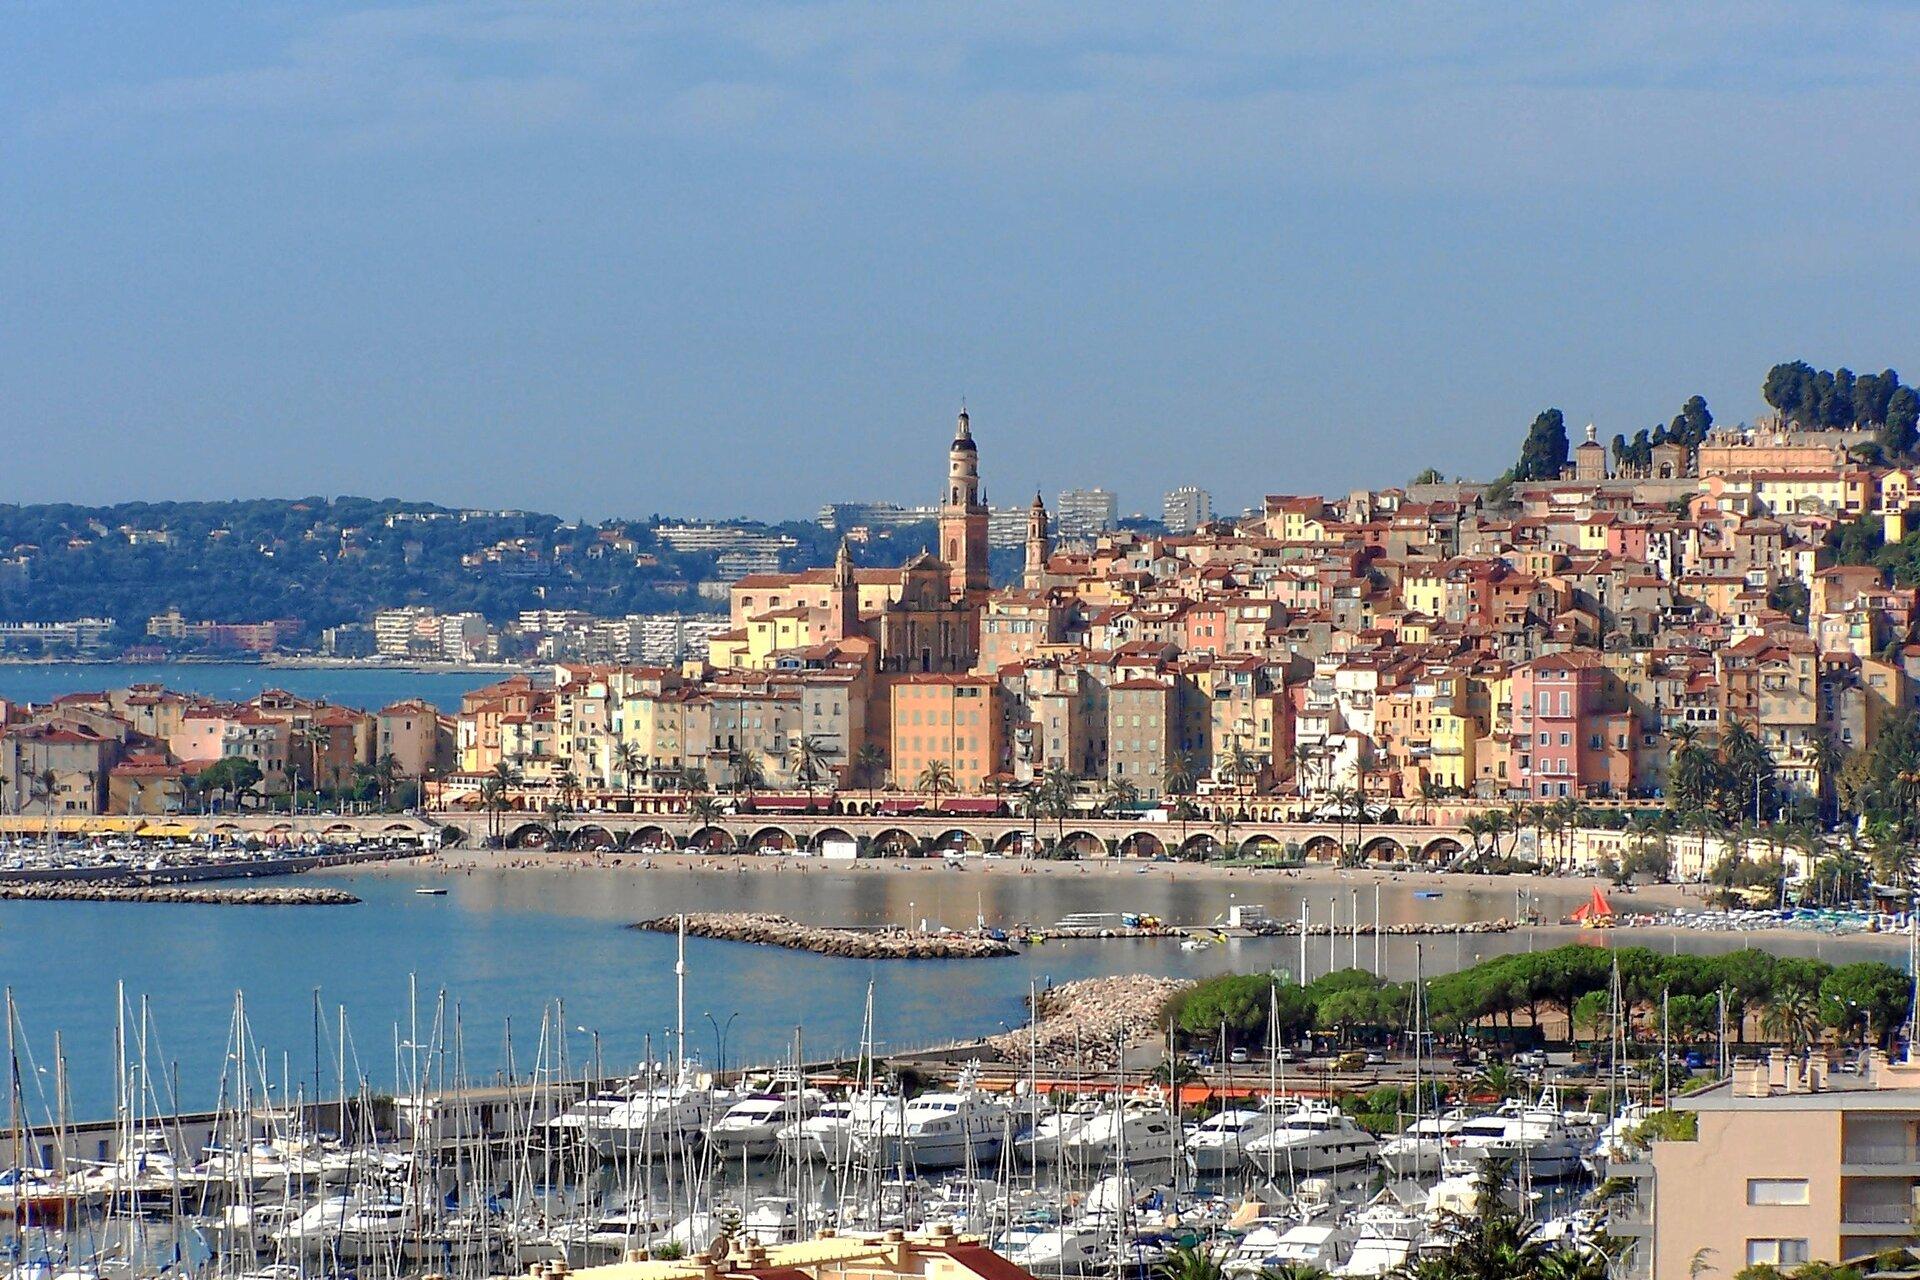 Na zdjęciu gęste zabudowania nad brzegiem morza. Teren górzysty, budynki stoją piętrowo. Zacumowane łodzie.